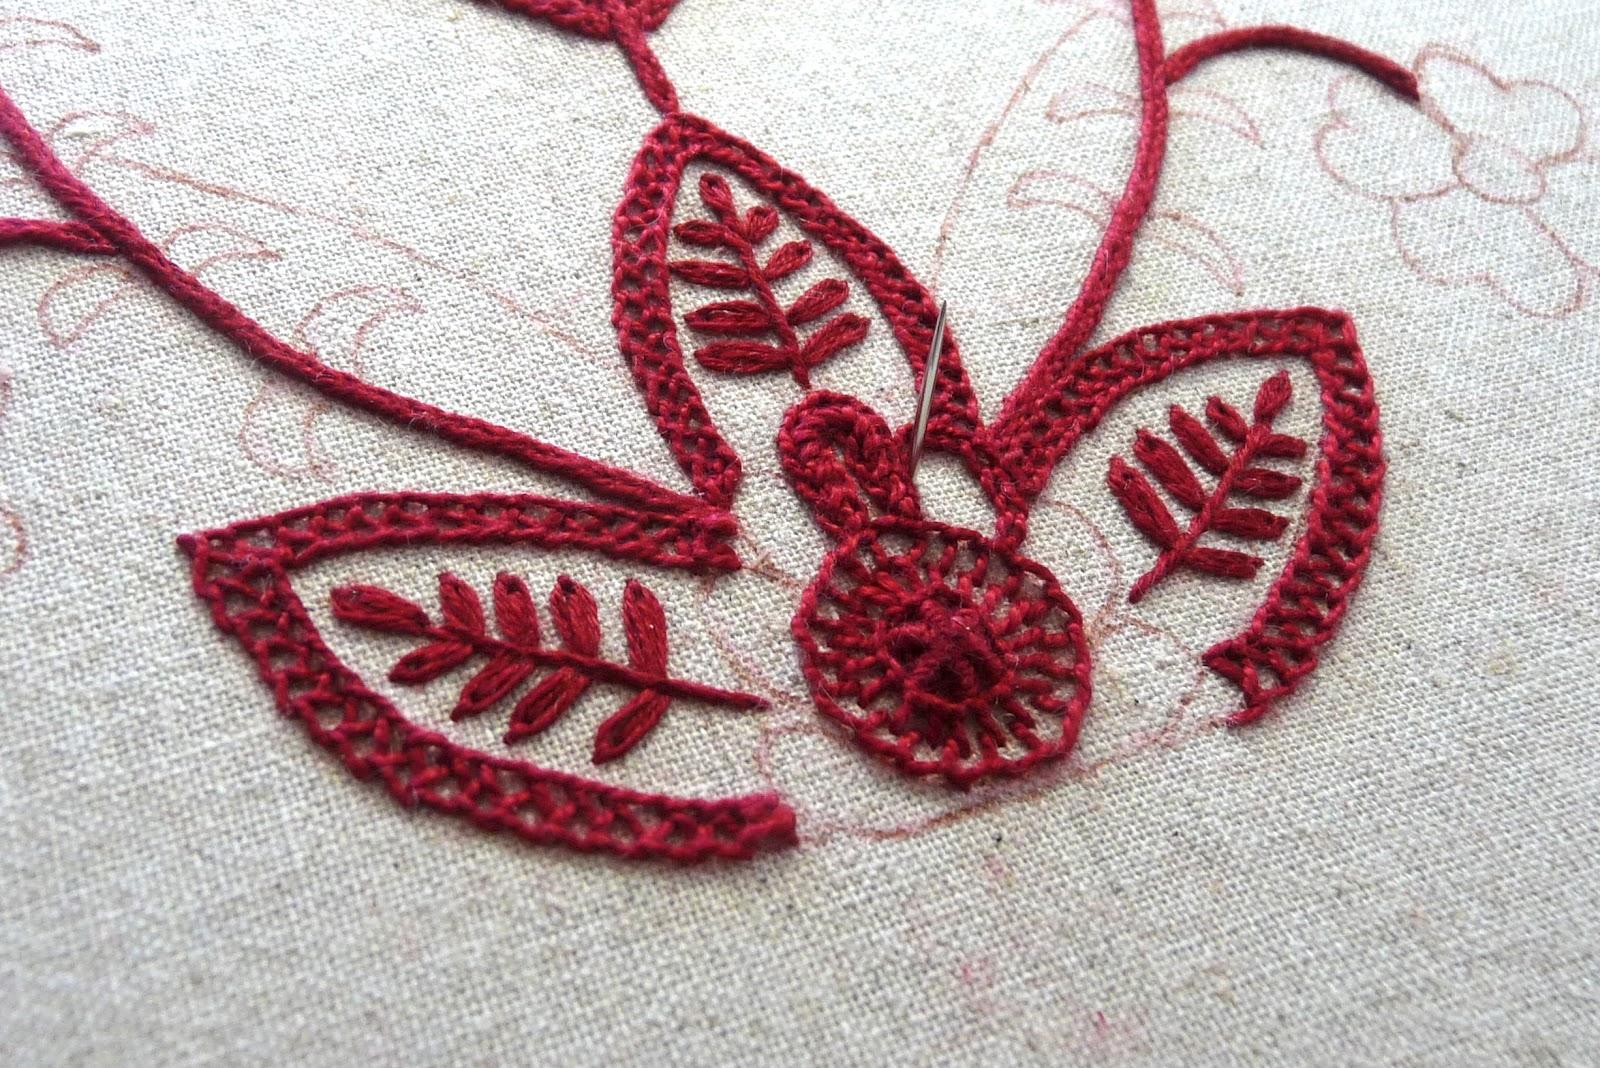 California stitch